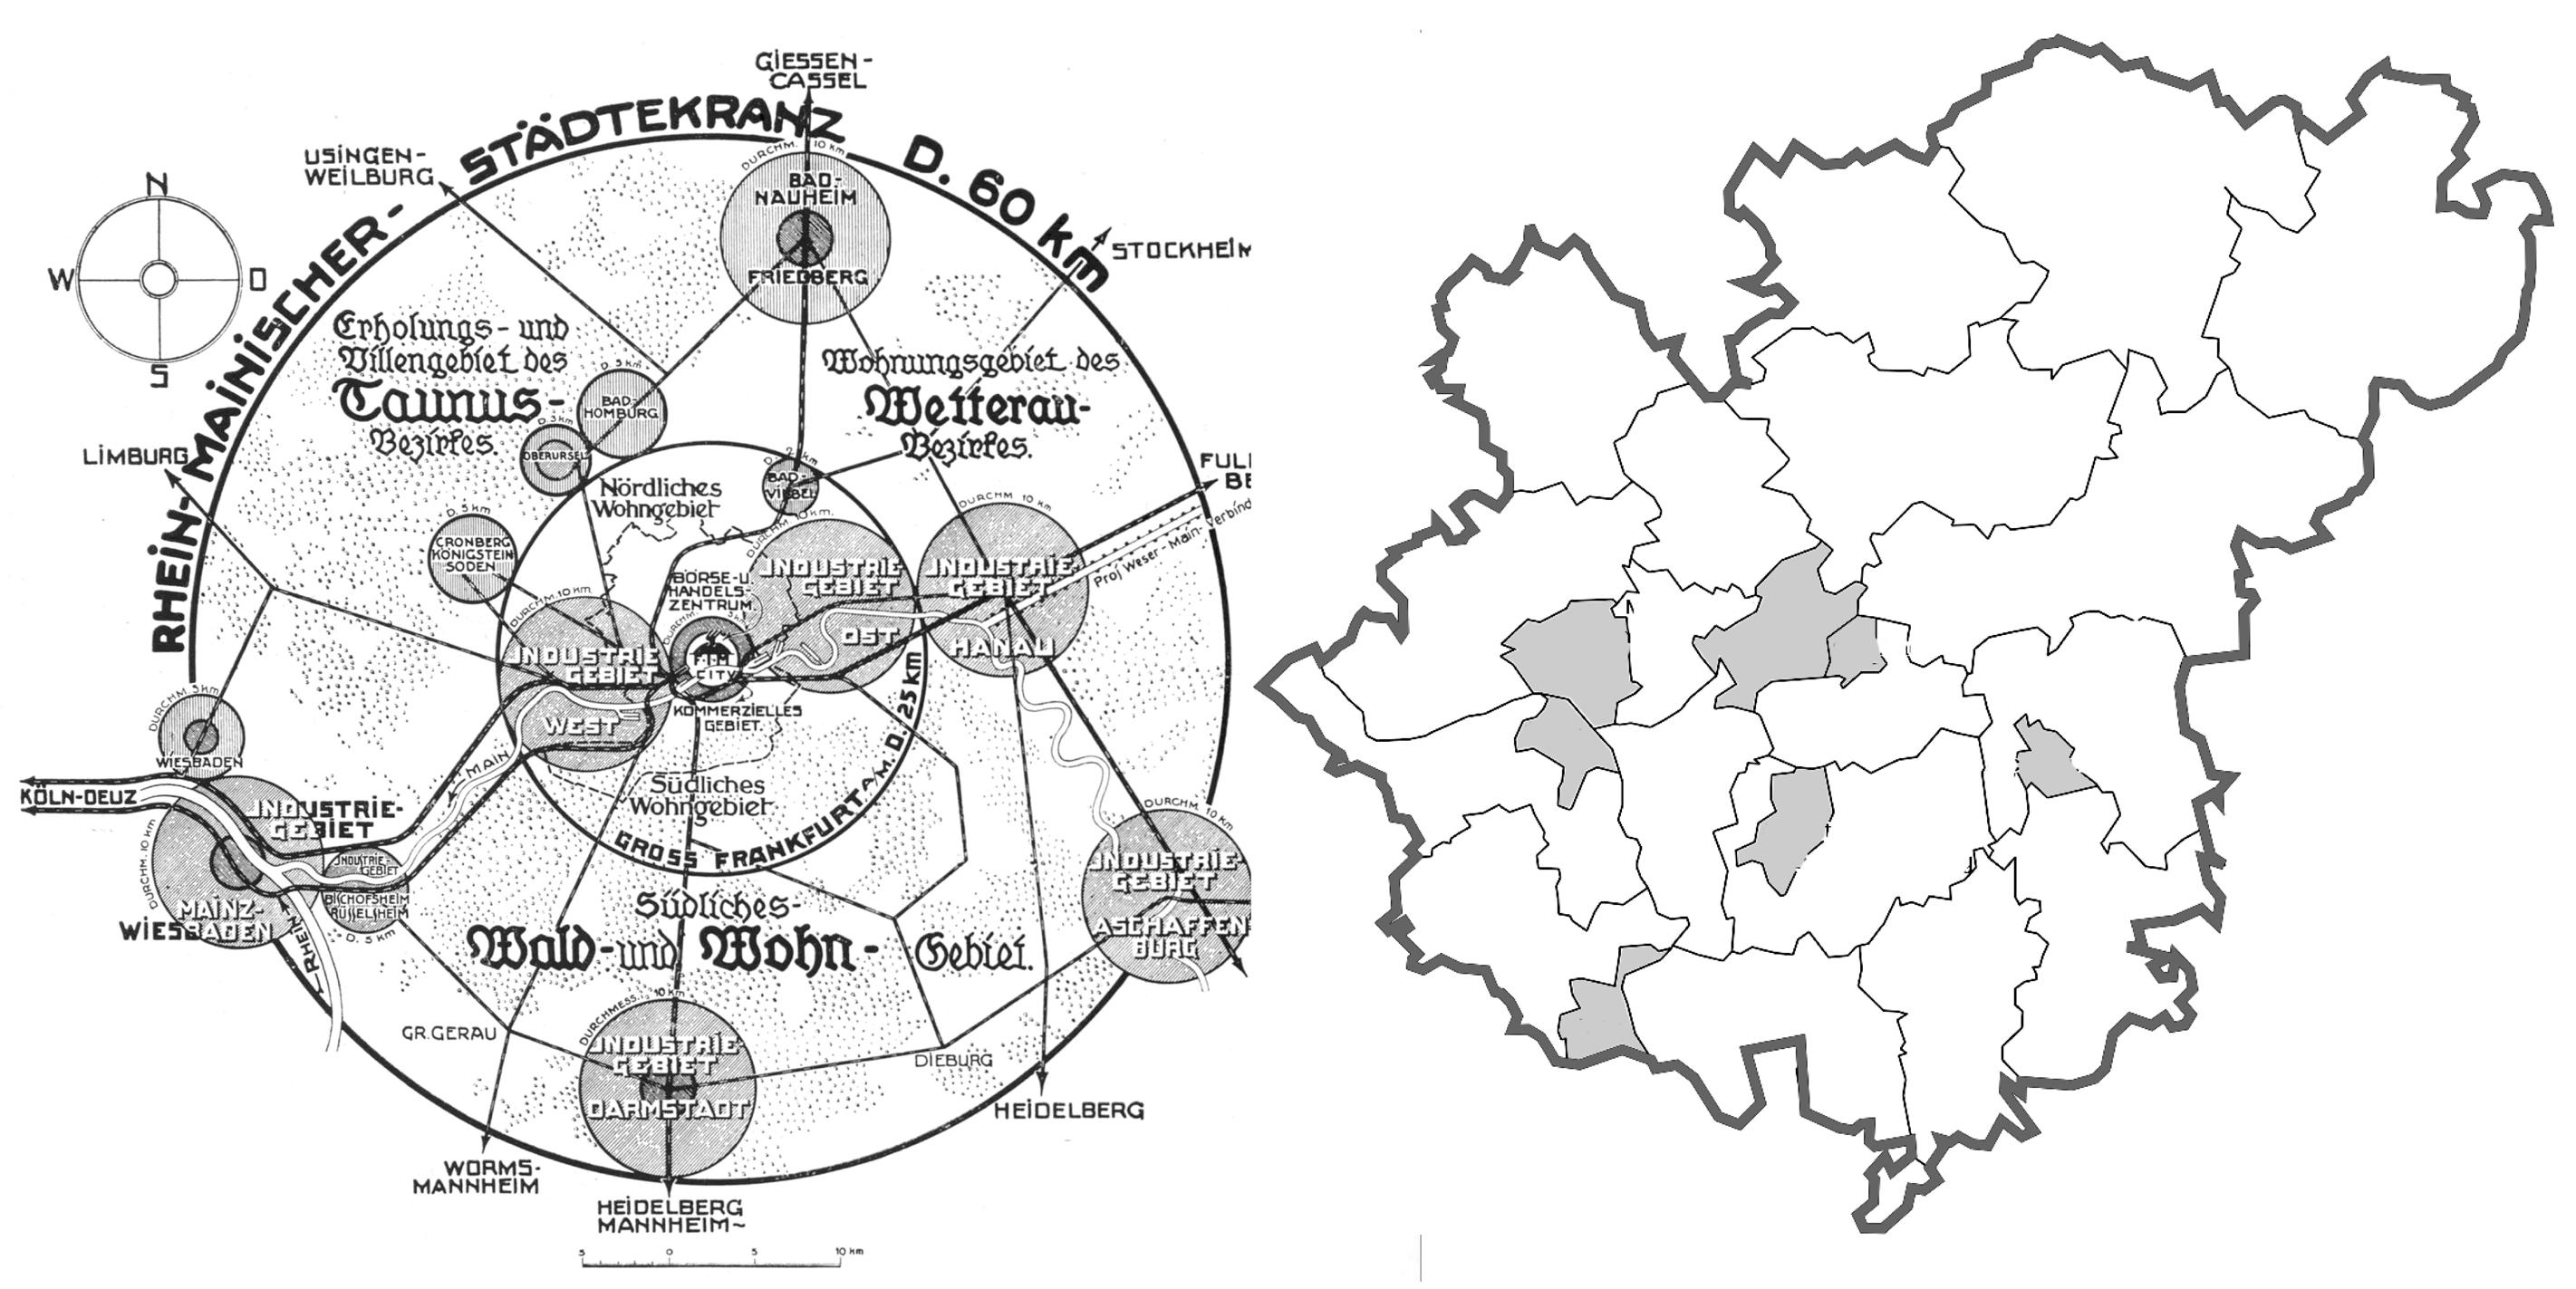 Metropolregion FrankfurtRheinMain, Rhein-Mainischer Städtekranz, Initiativkreis Metropolregion FrnakfurtRheinMain